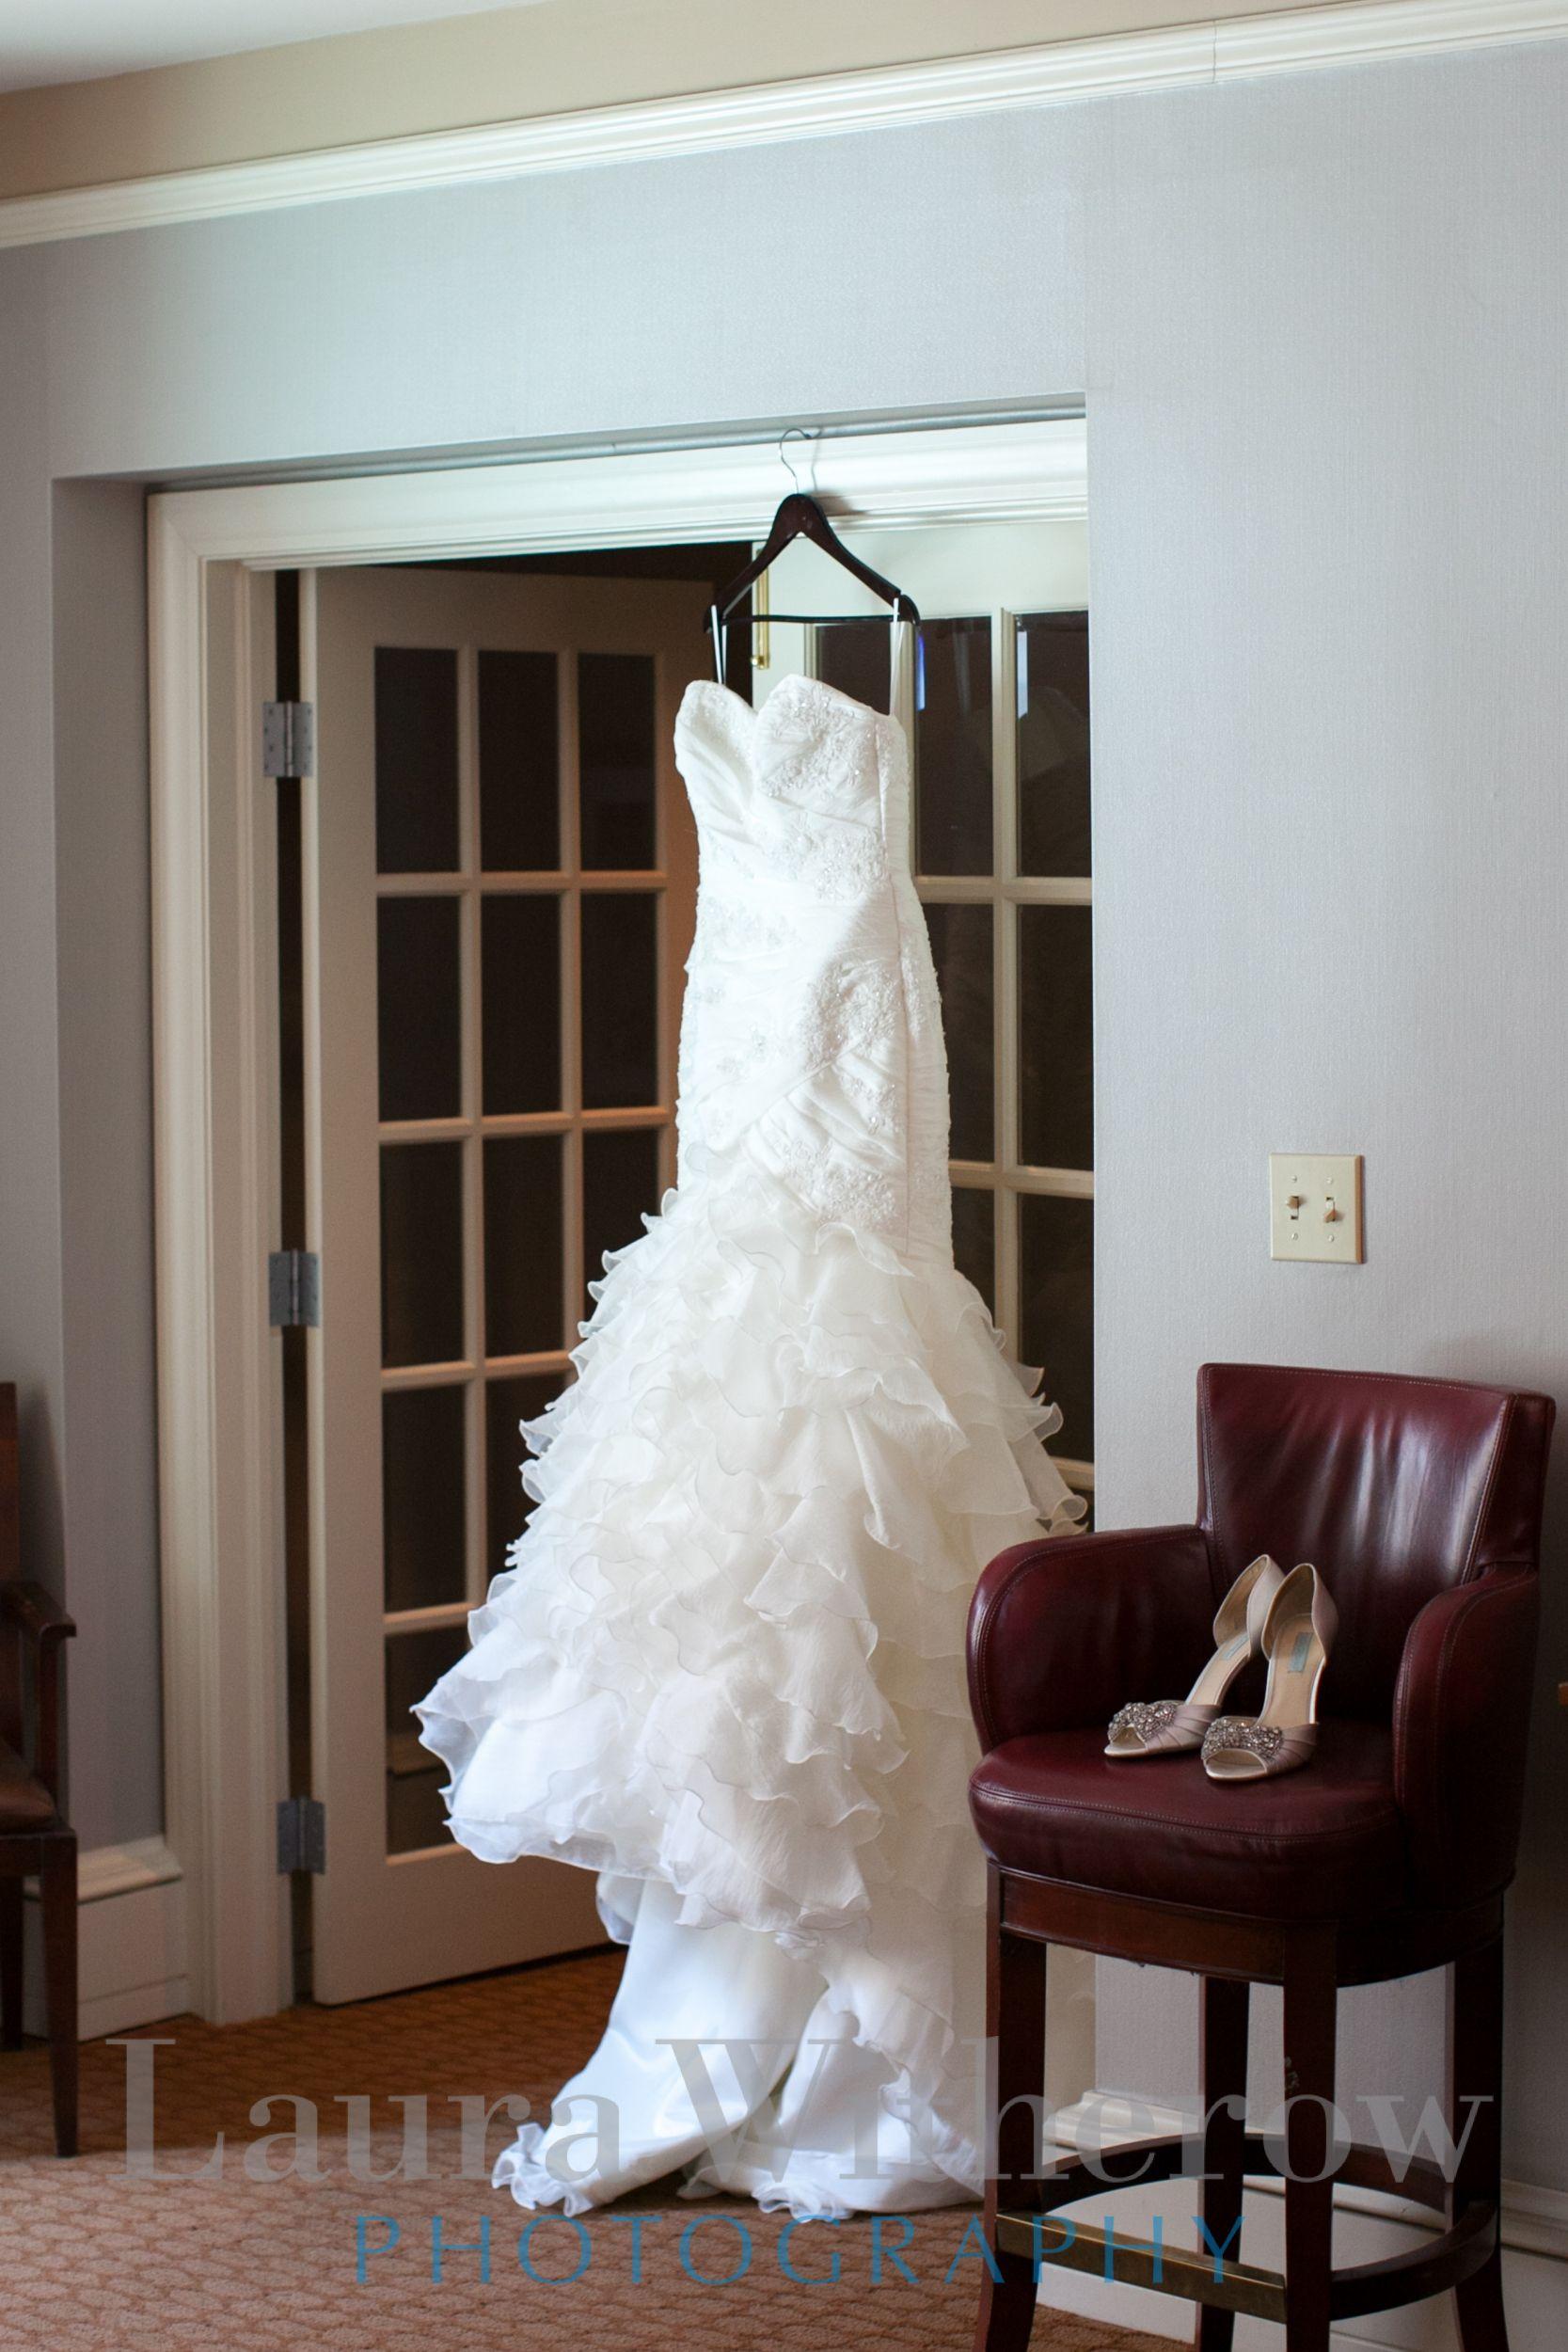 Columbus Ohio brides dress. Ohio